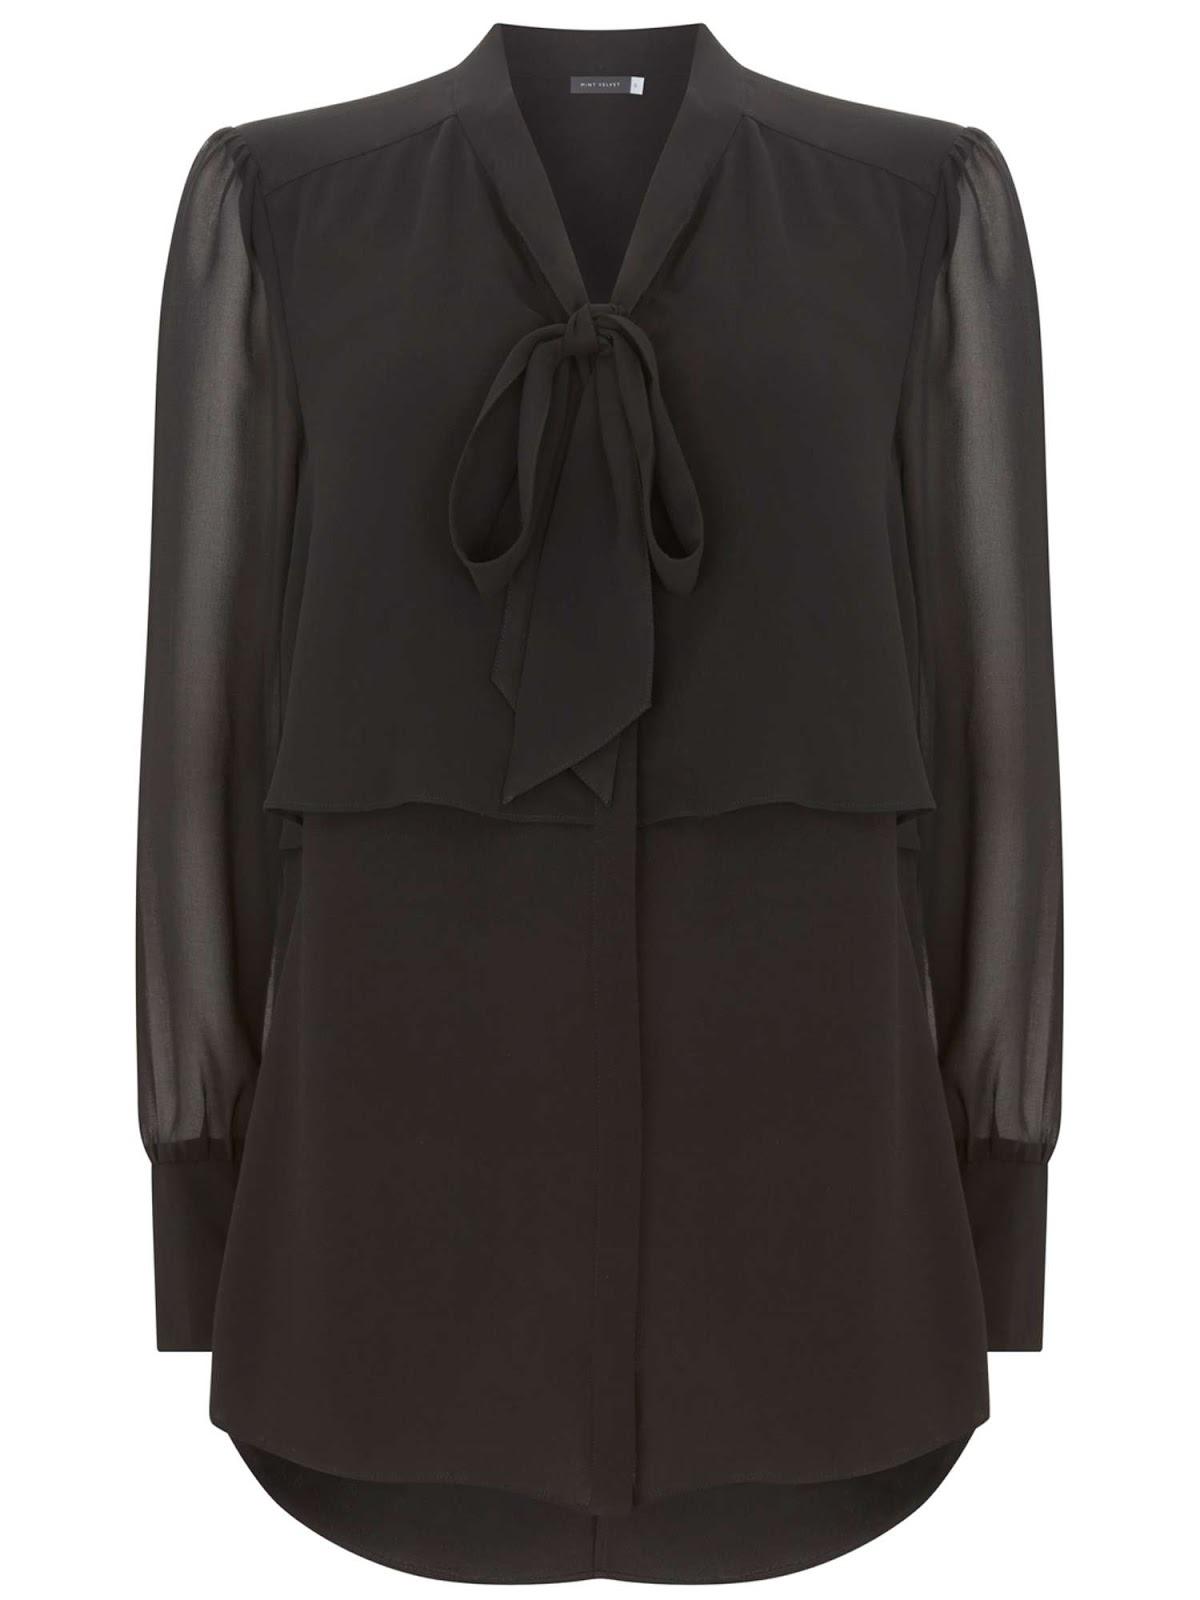 Mint velvet black pussy bow blouse